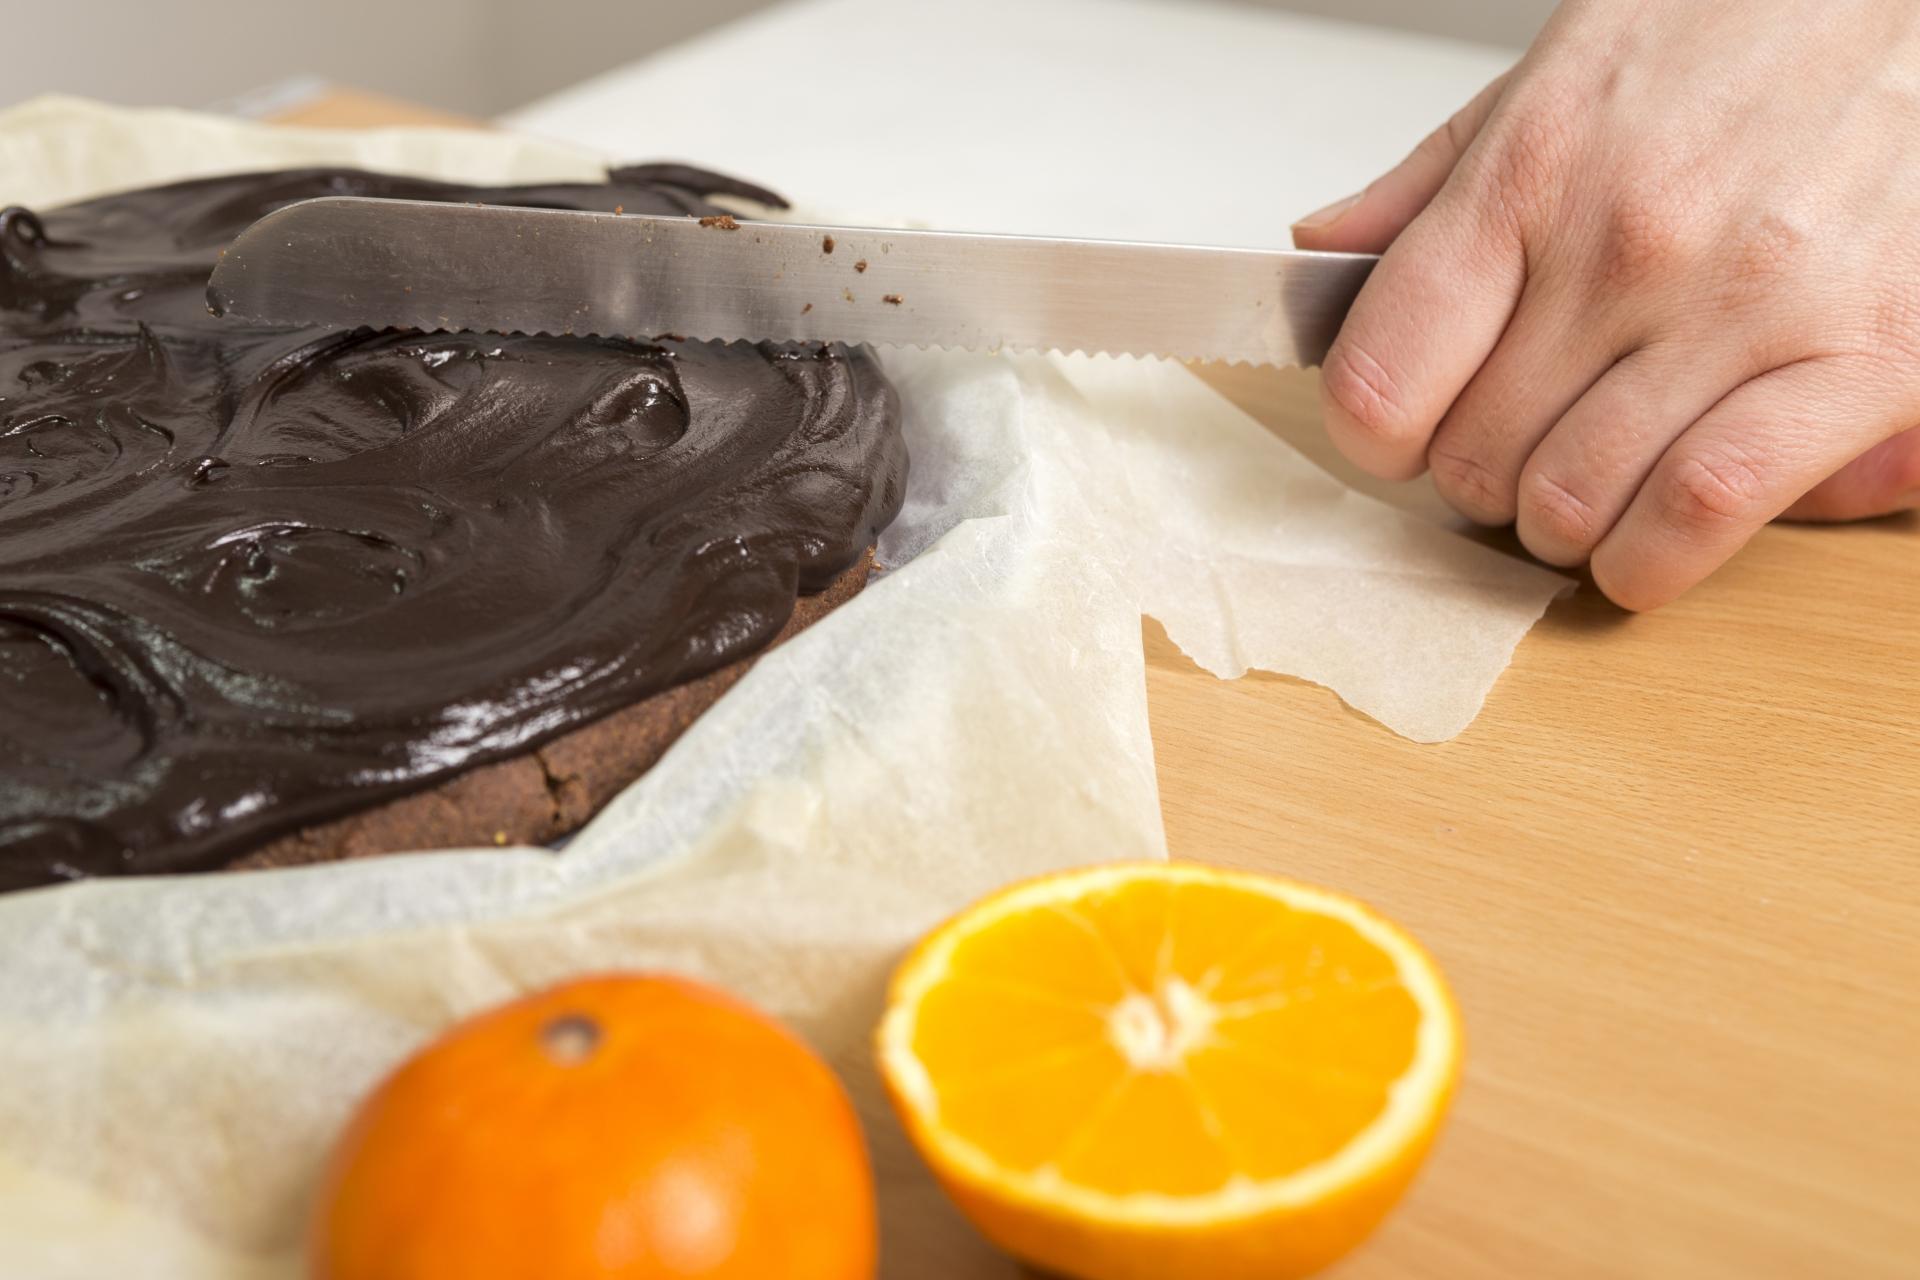 ケーキナイフのおすすめ3選&選び方【プロが愛する一品も】